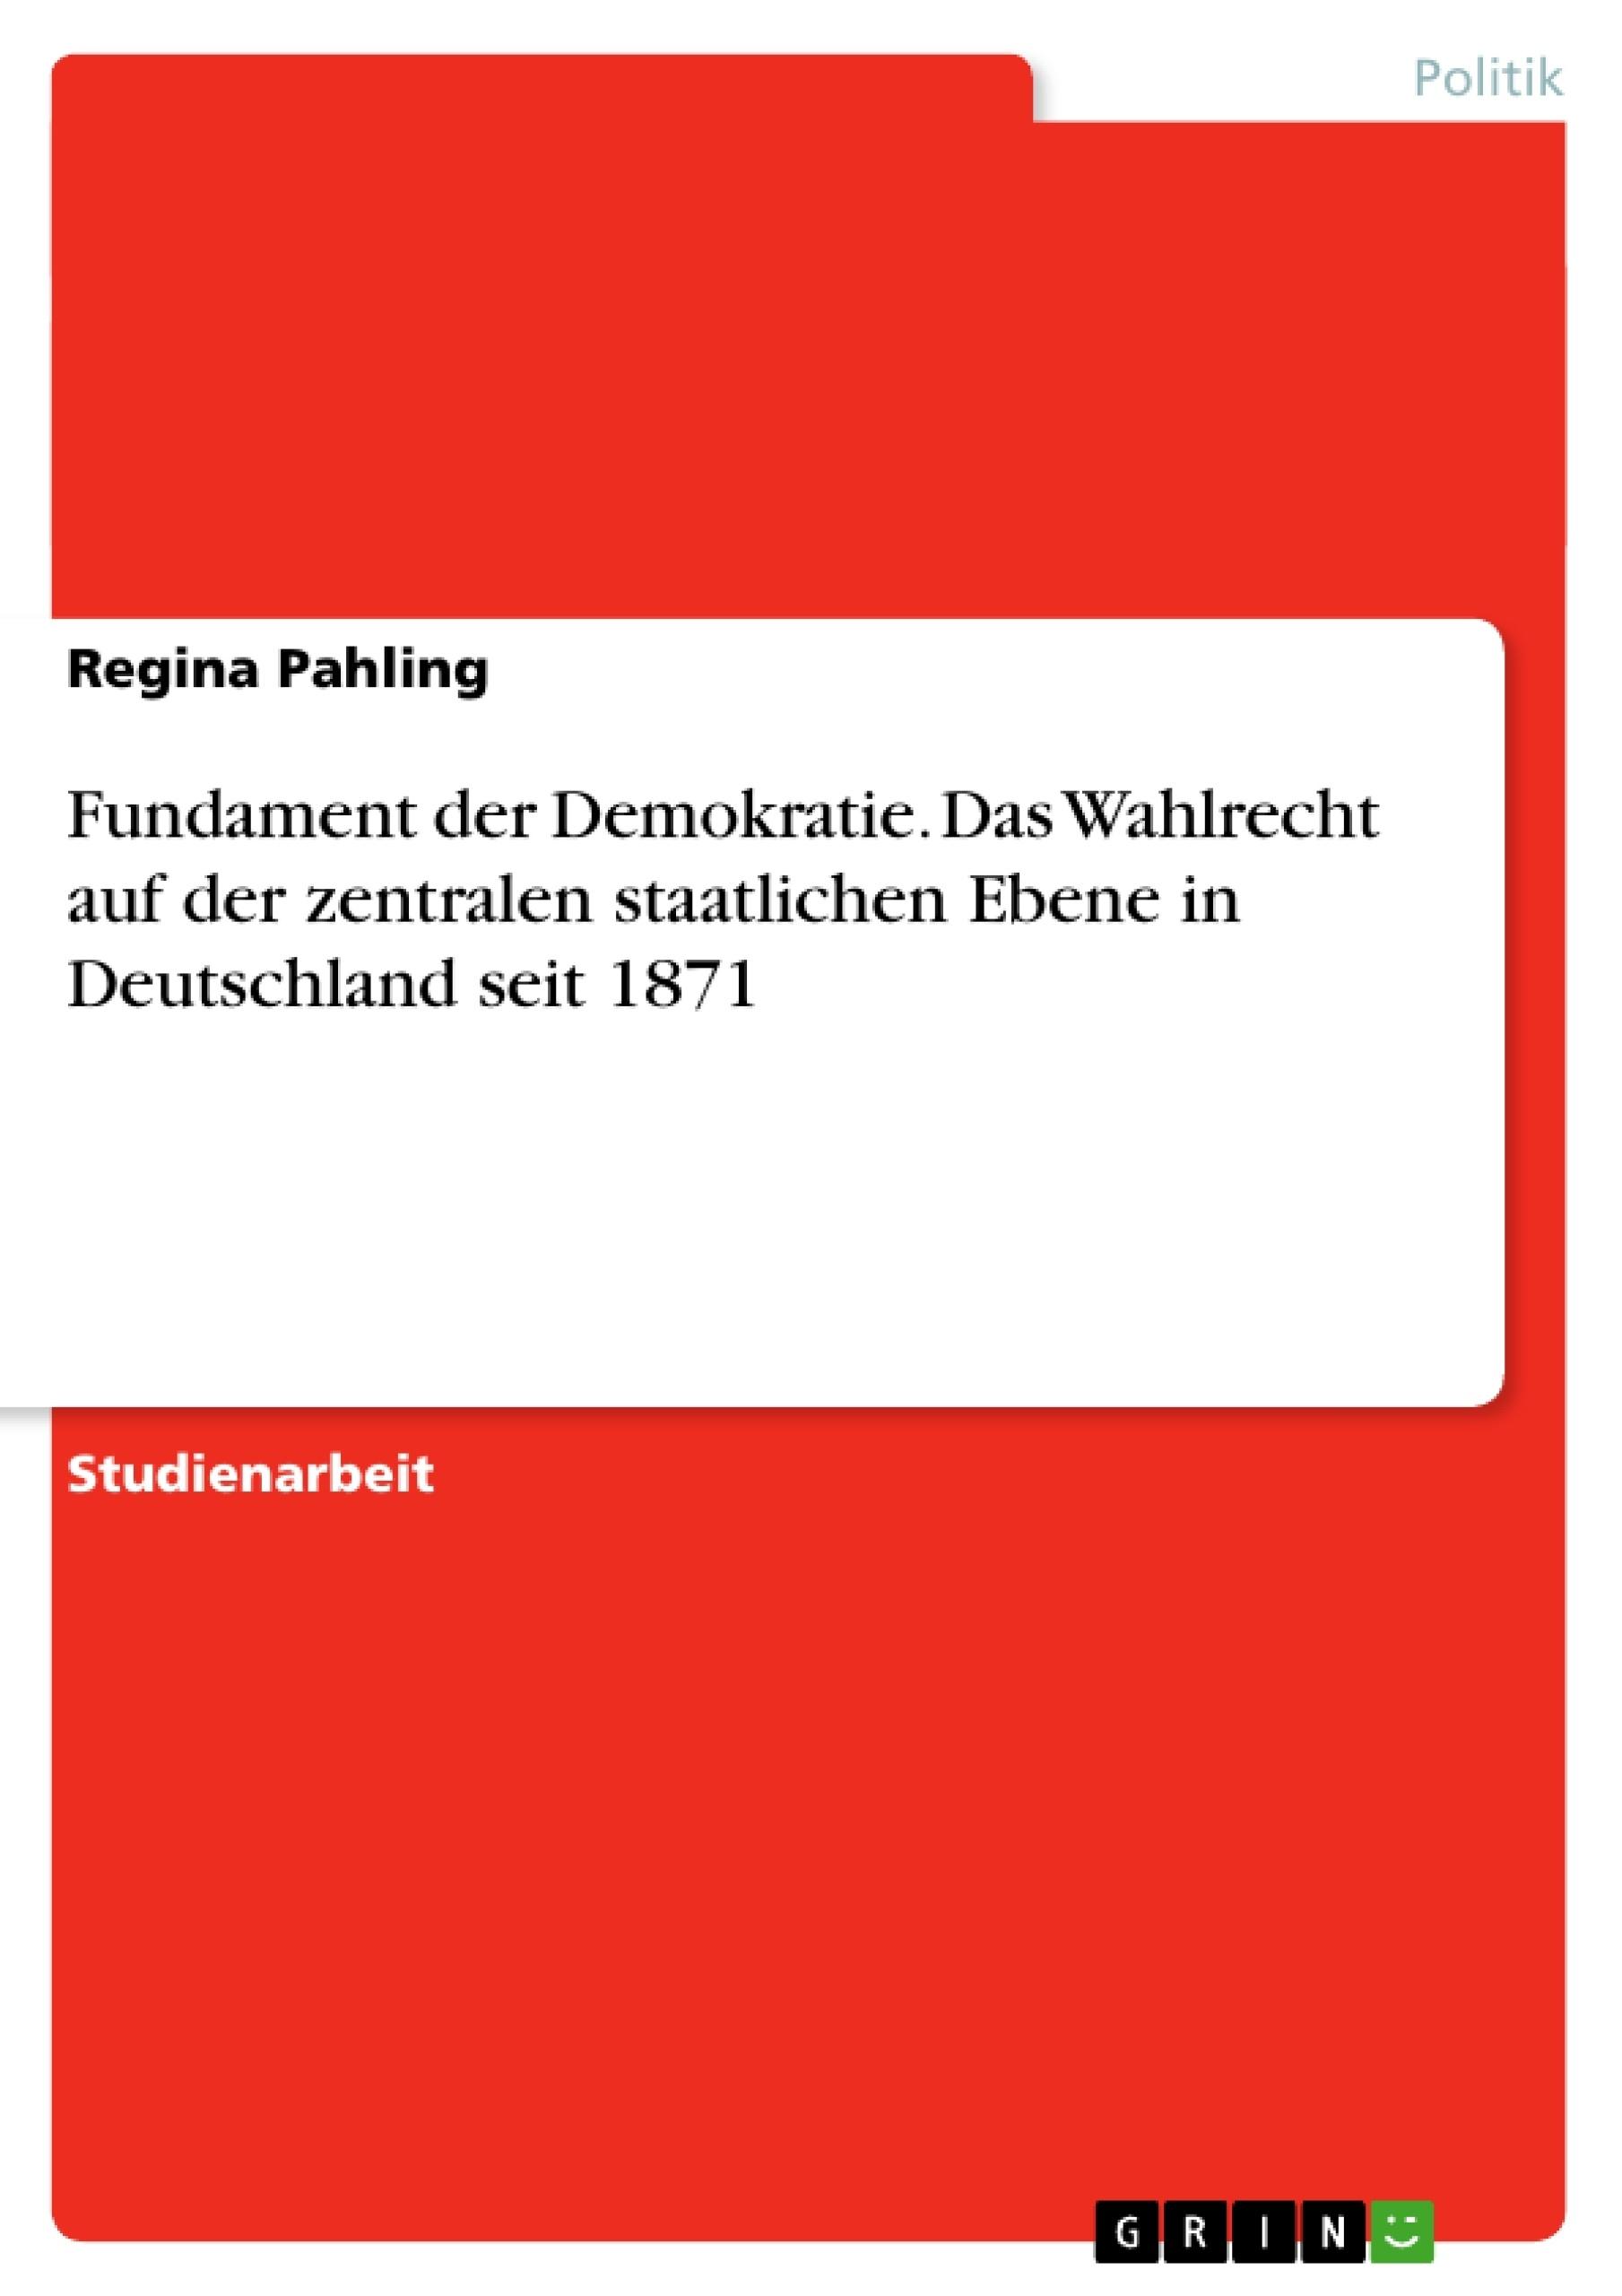 Titel: Fundament der Demokratie. Das Wahlrecht auf der zentralen staatlichen Ebene in Deutschland seit 1871